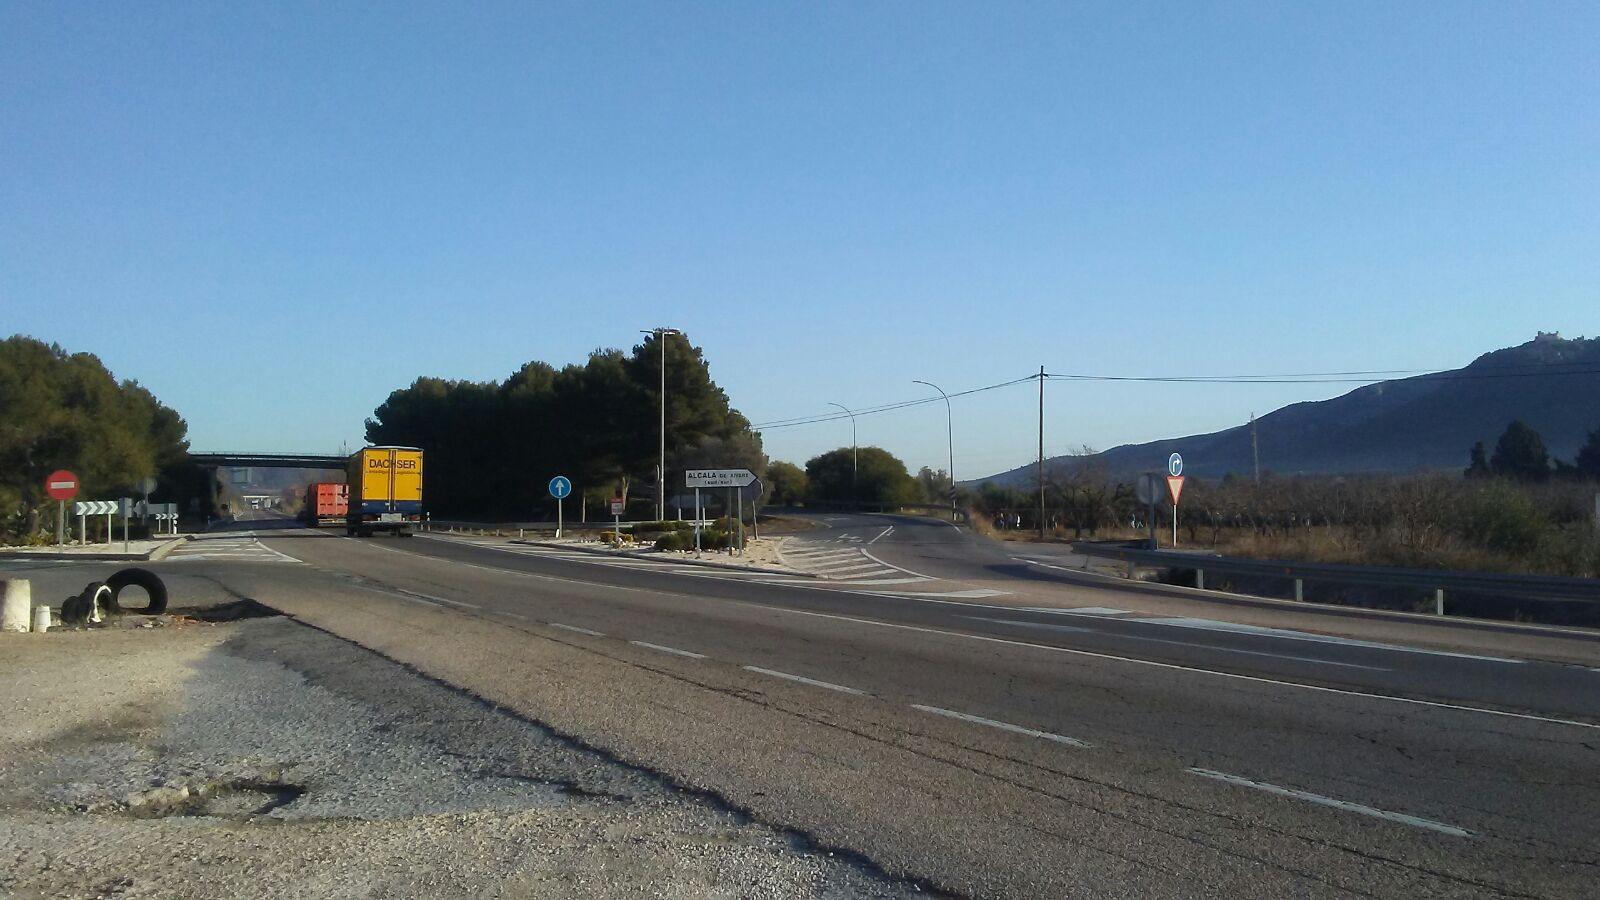 Alcalà, l'Ajuntament reclama la creació d'un accés de l'autopista AP-7 per afavorir el creixement econòmic de la ciutat